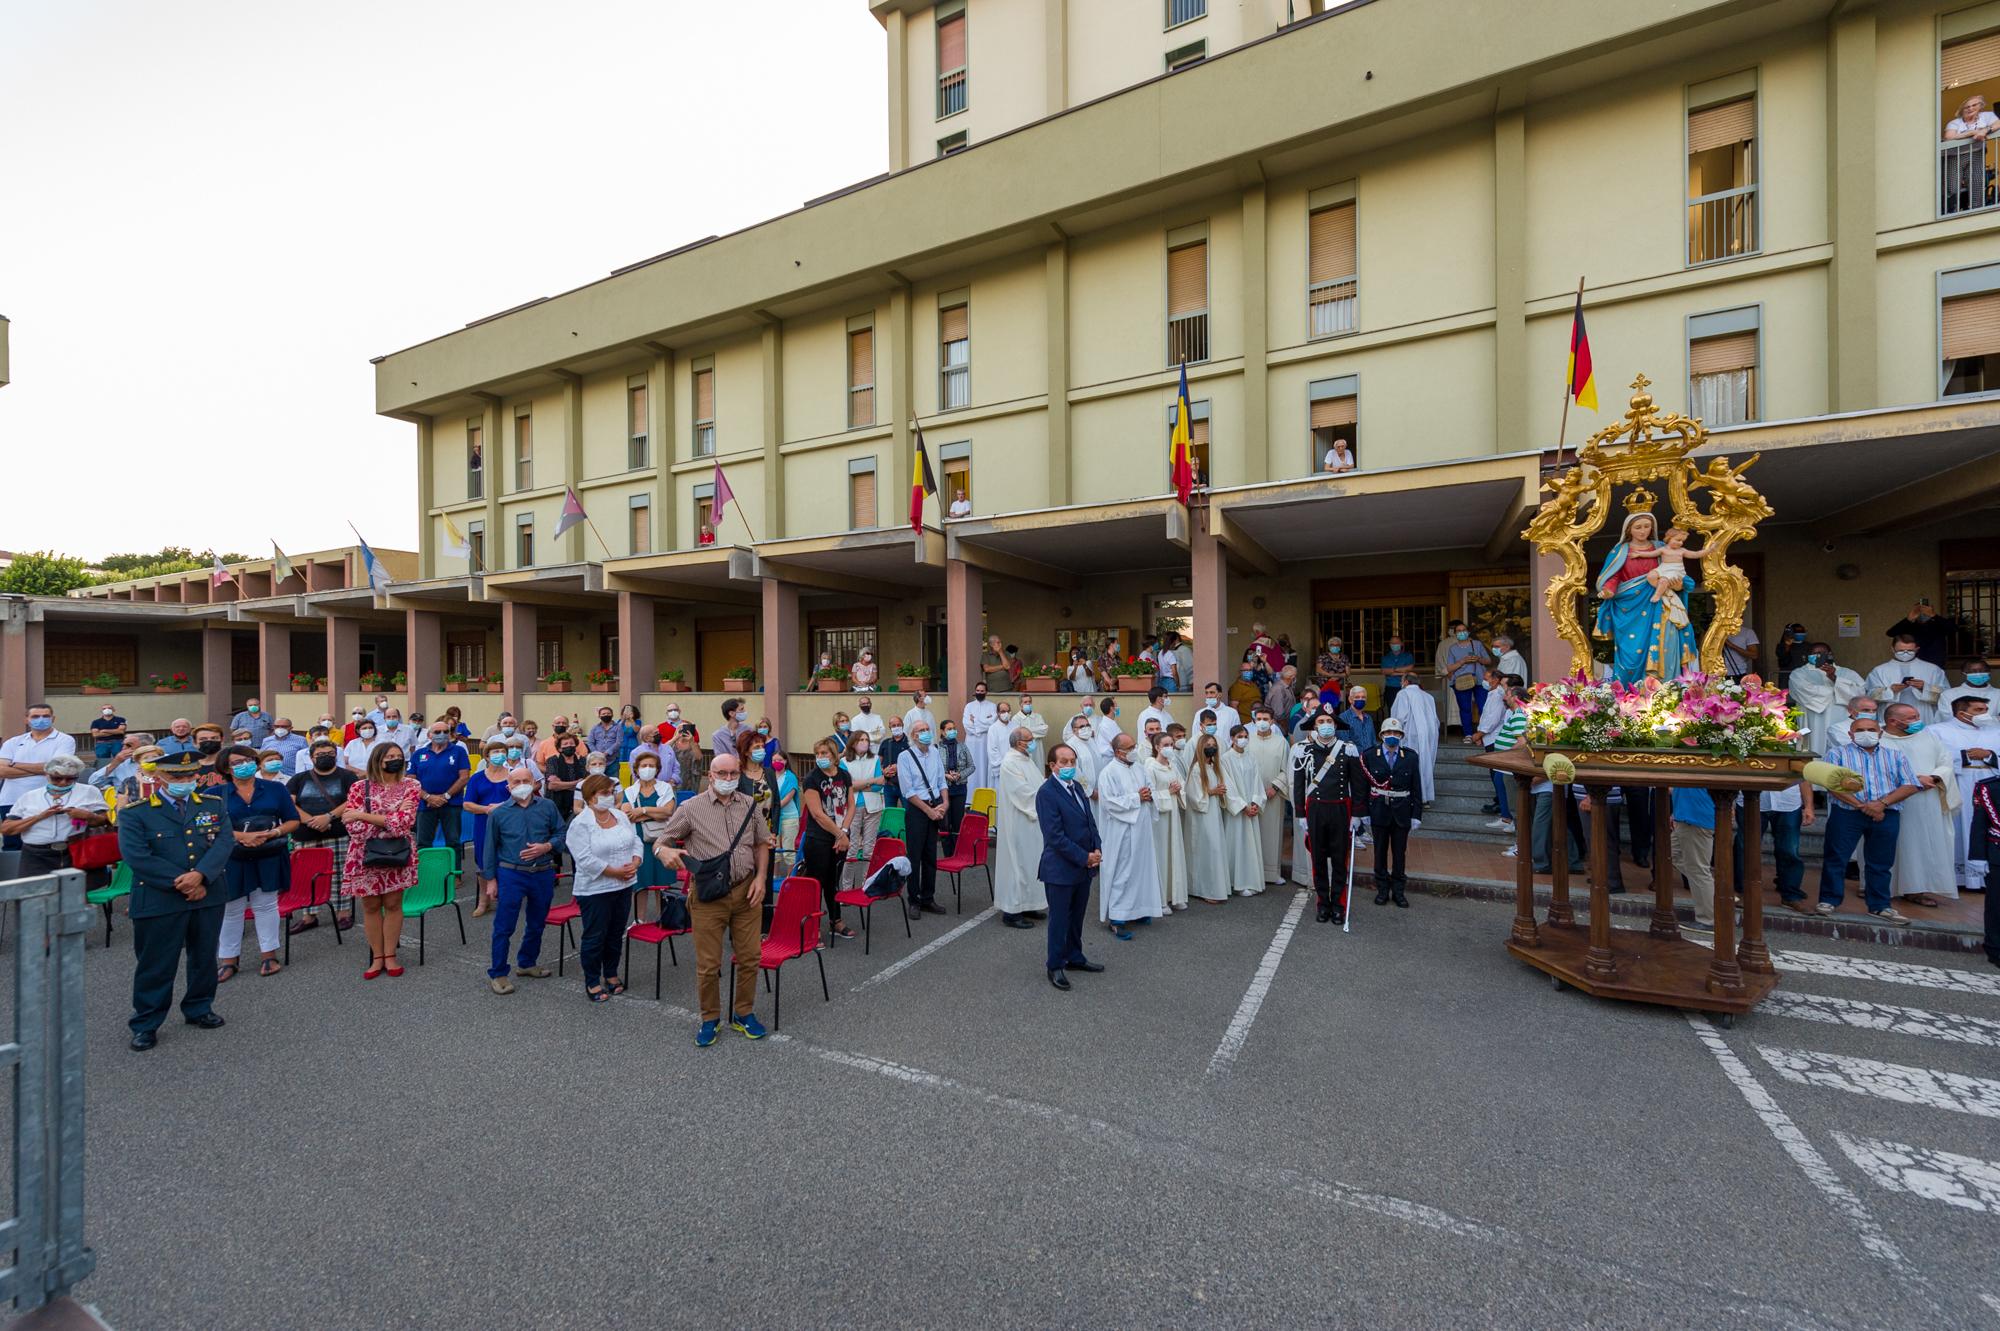 29-agosto-2021-Viola-17-e-processione-MdG-–-FOTO_mdg_-34